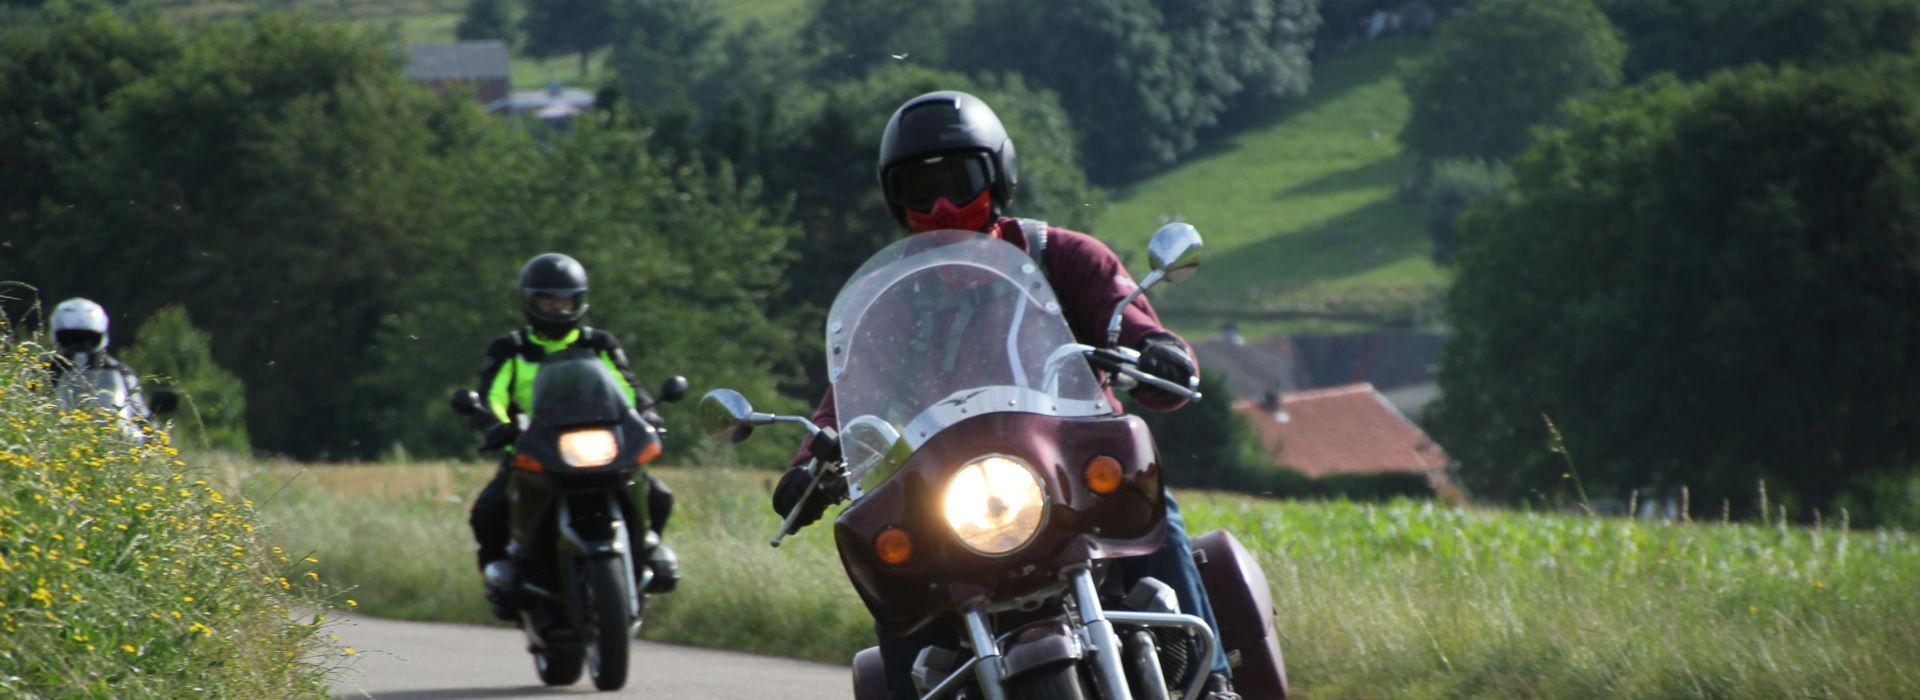 Motorrijbewijspoint Schoonebeek snelcursus motorrijbewijs